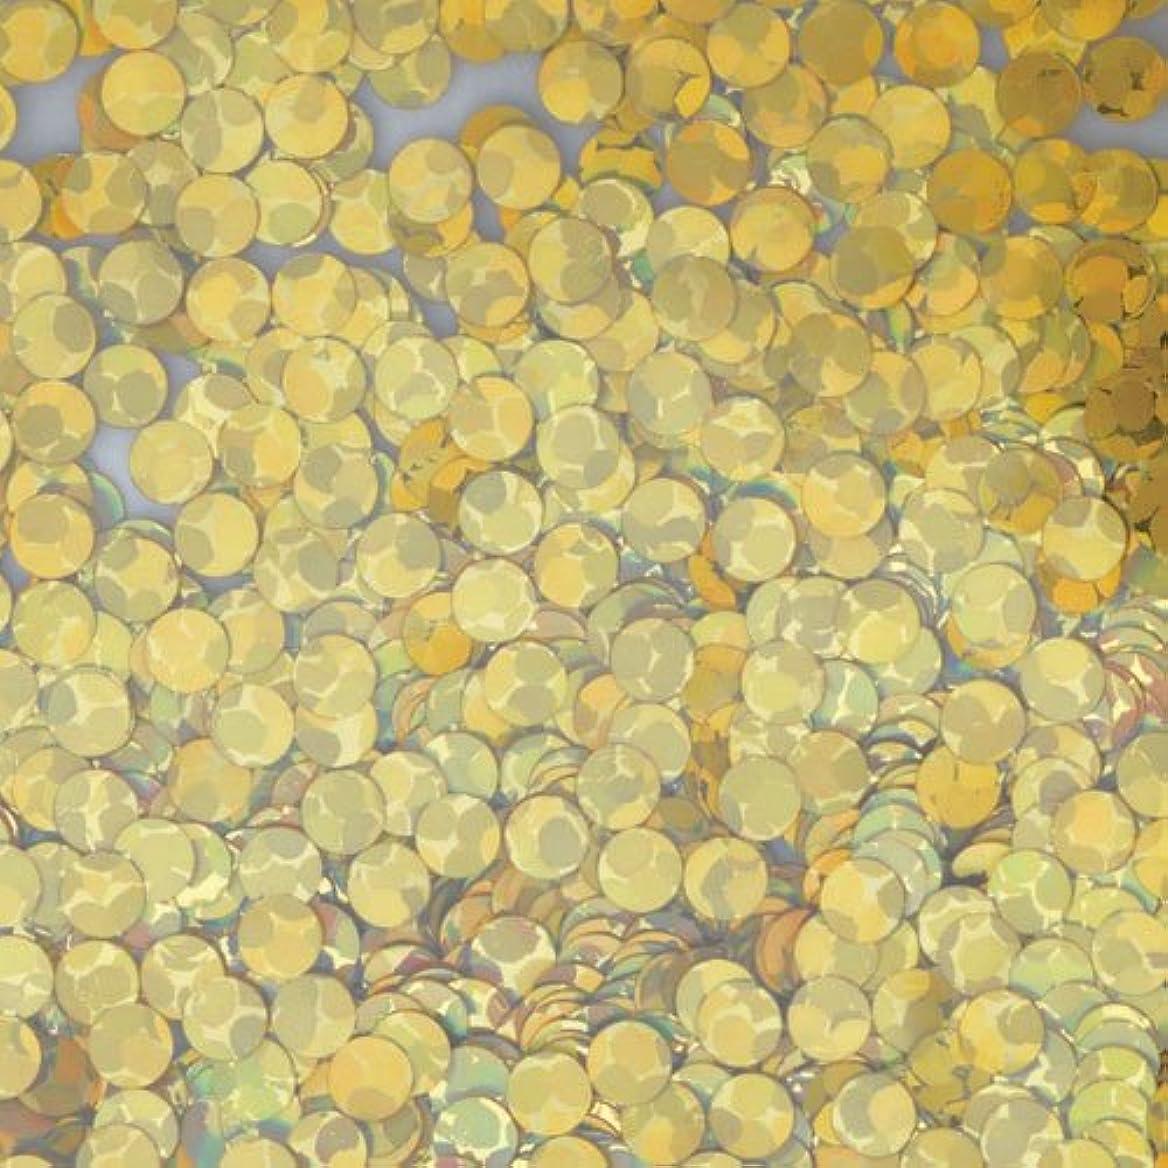 ほのか郵便番号廃棄ピカエース ネイルアート 丸ホロ 1mm #873 ゴールド 0.5g